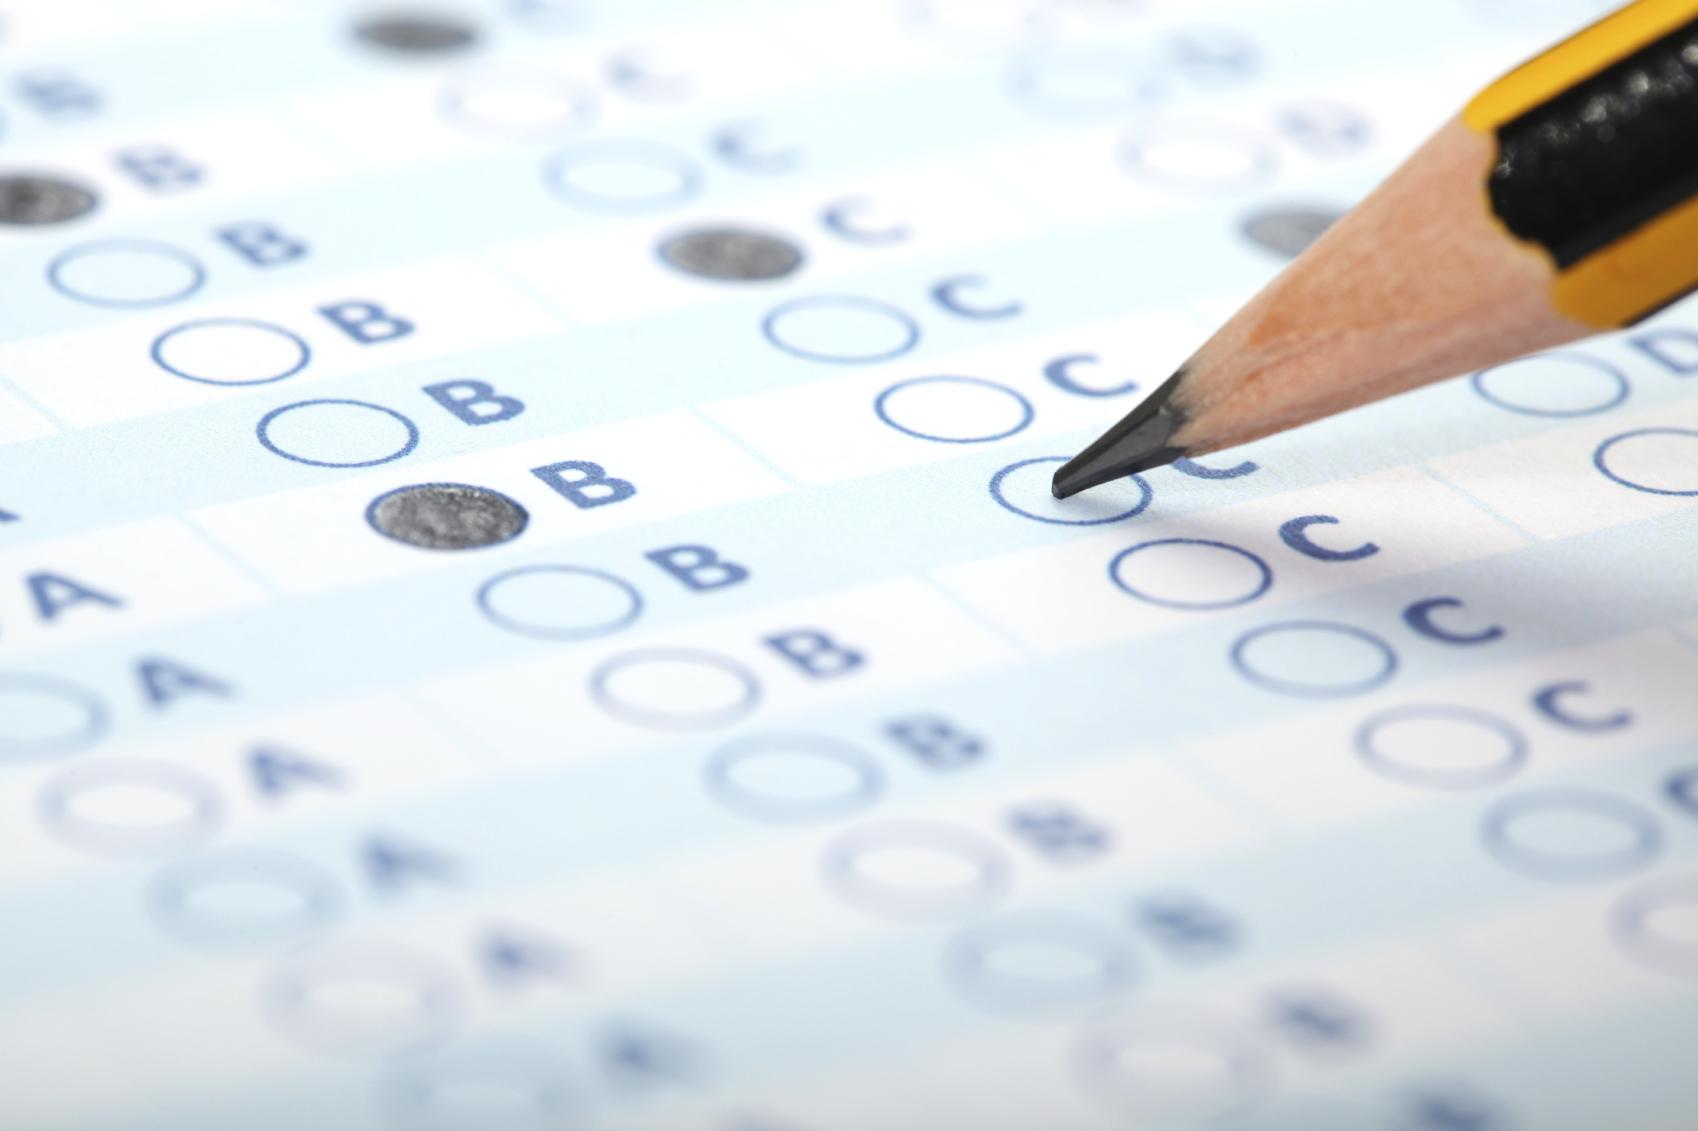 12 راهنمایی برای گذراندن امتحانات CFA از مردی که سوالات را می نویسد